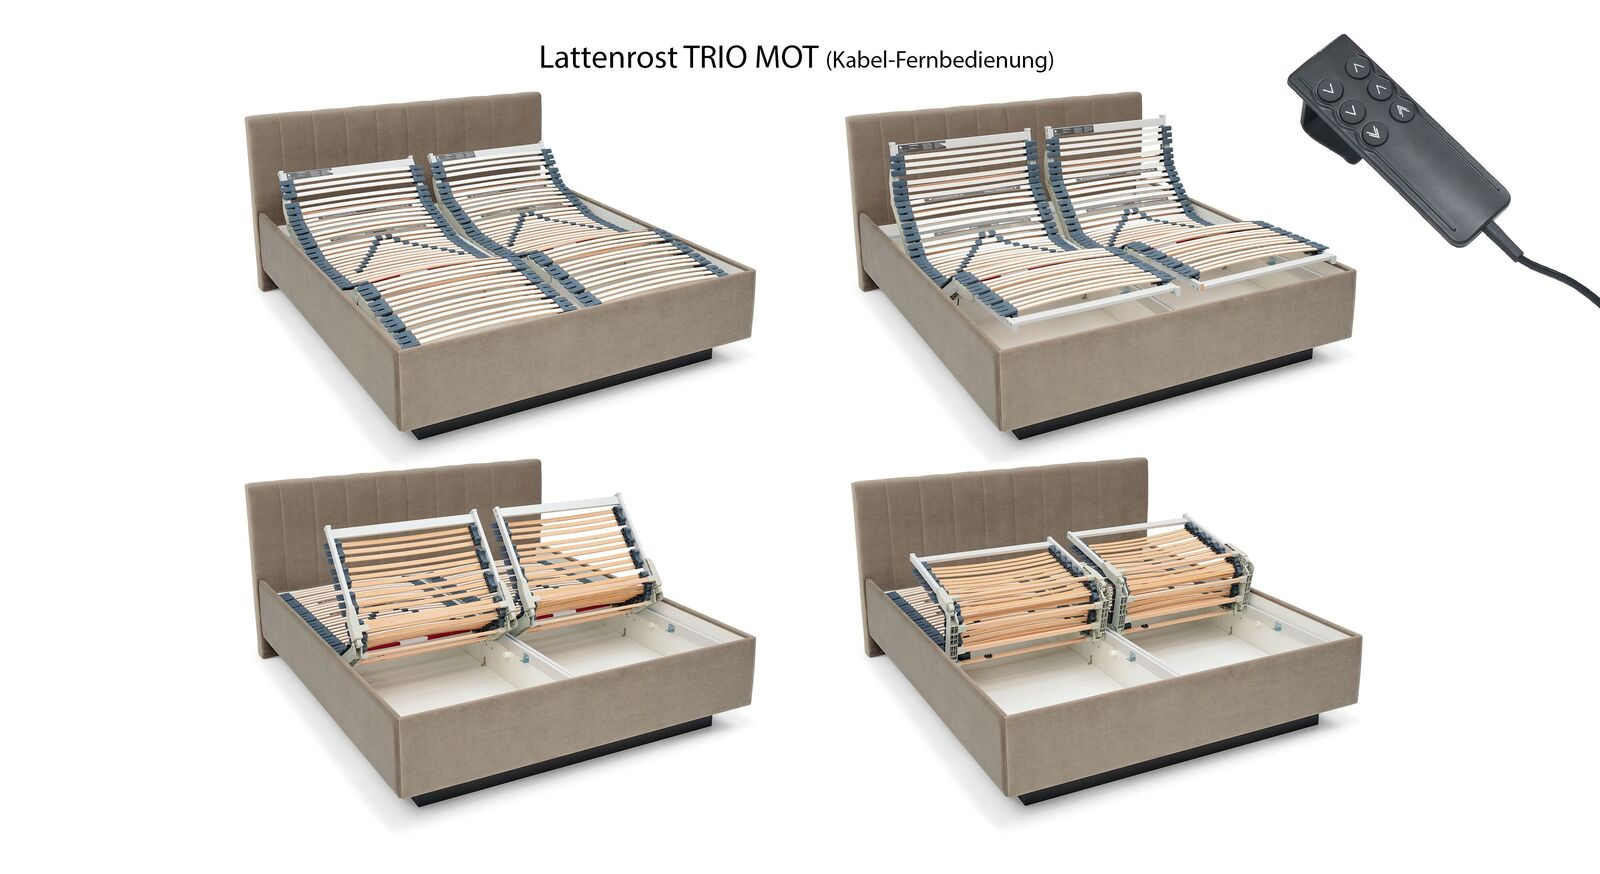 Elektrischer MUSTERRING Lattenrost TRIO MOT mit Kabelfernbedienung